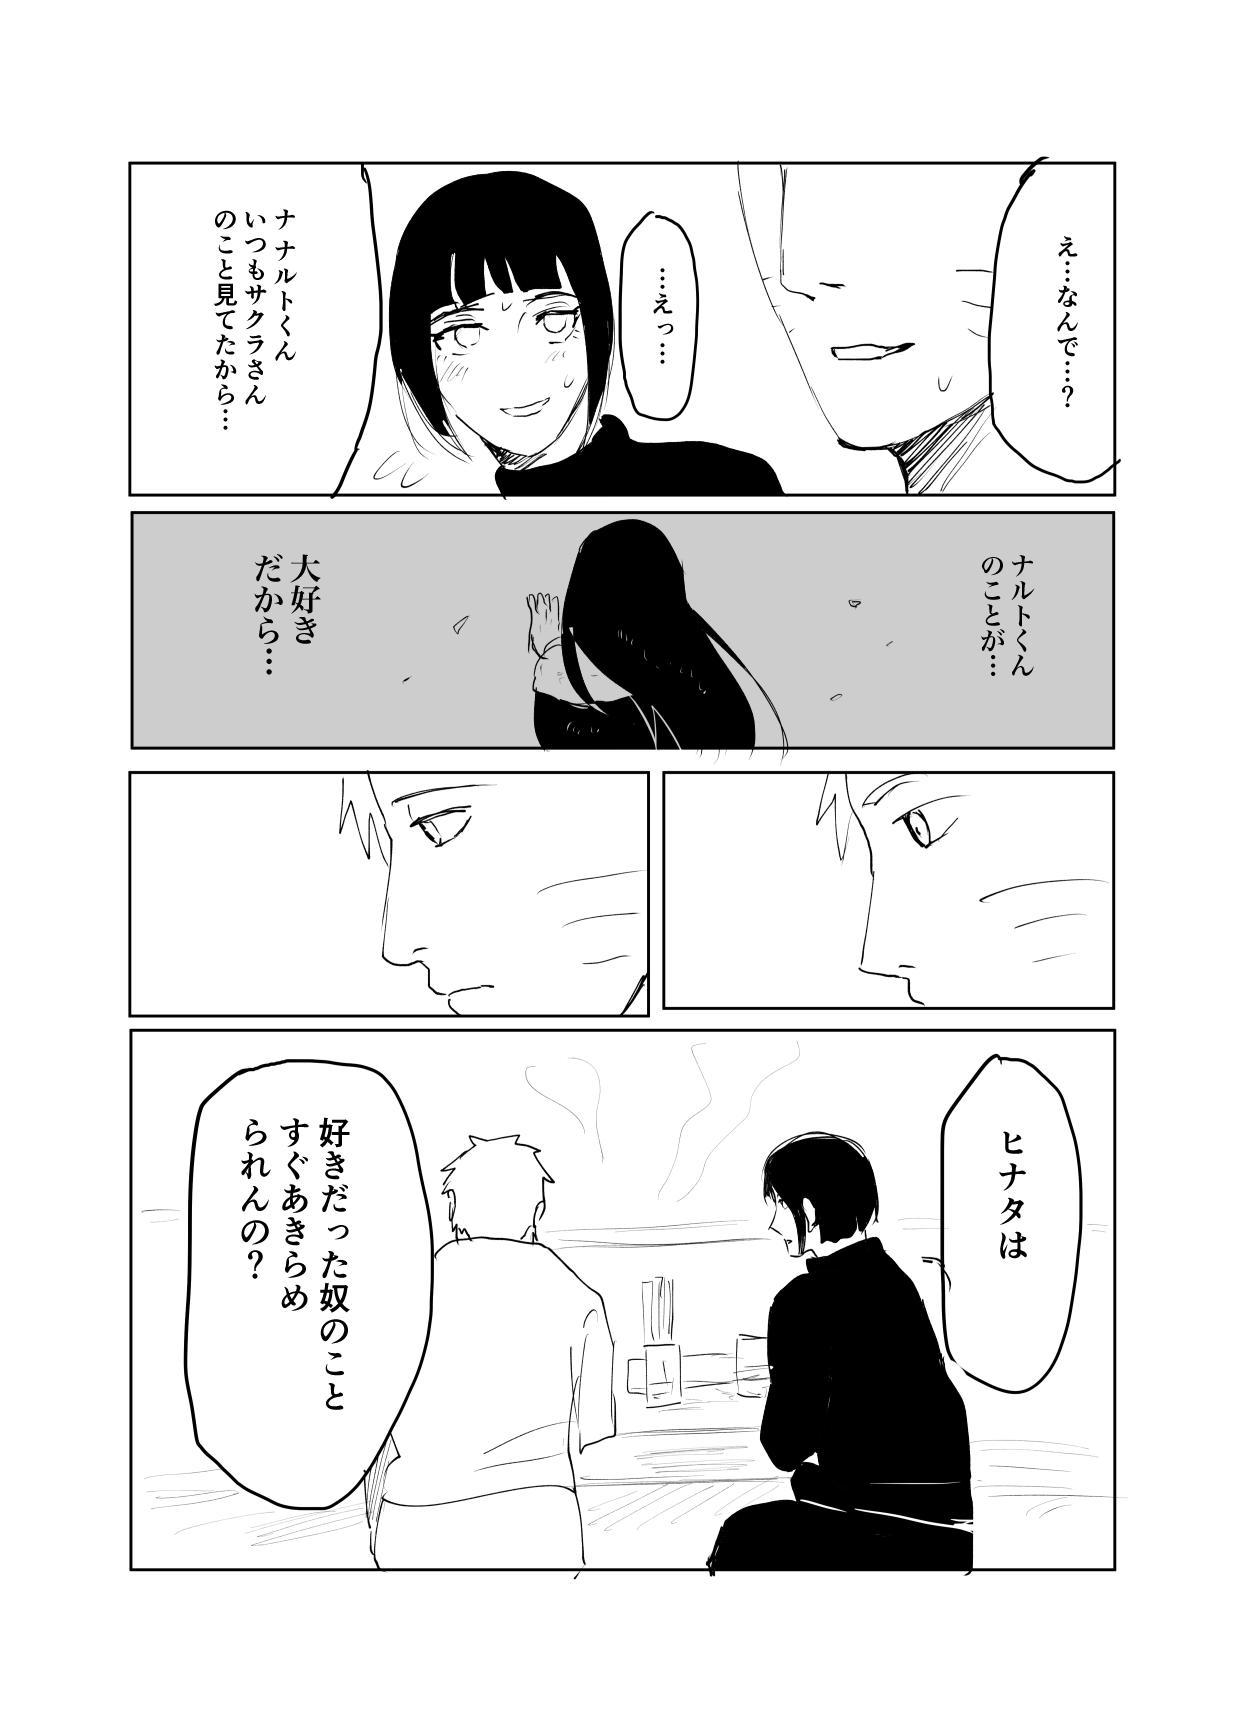 嘘告白漫画 25